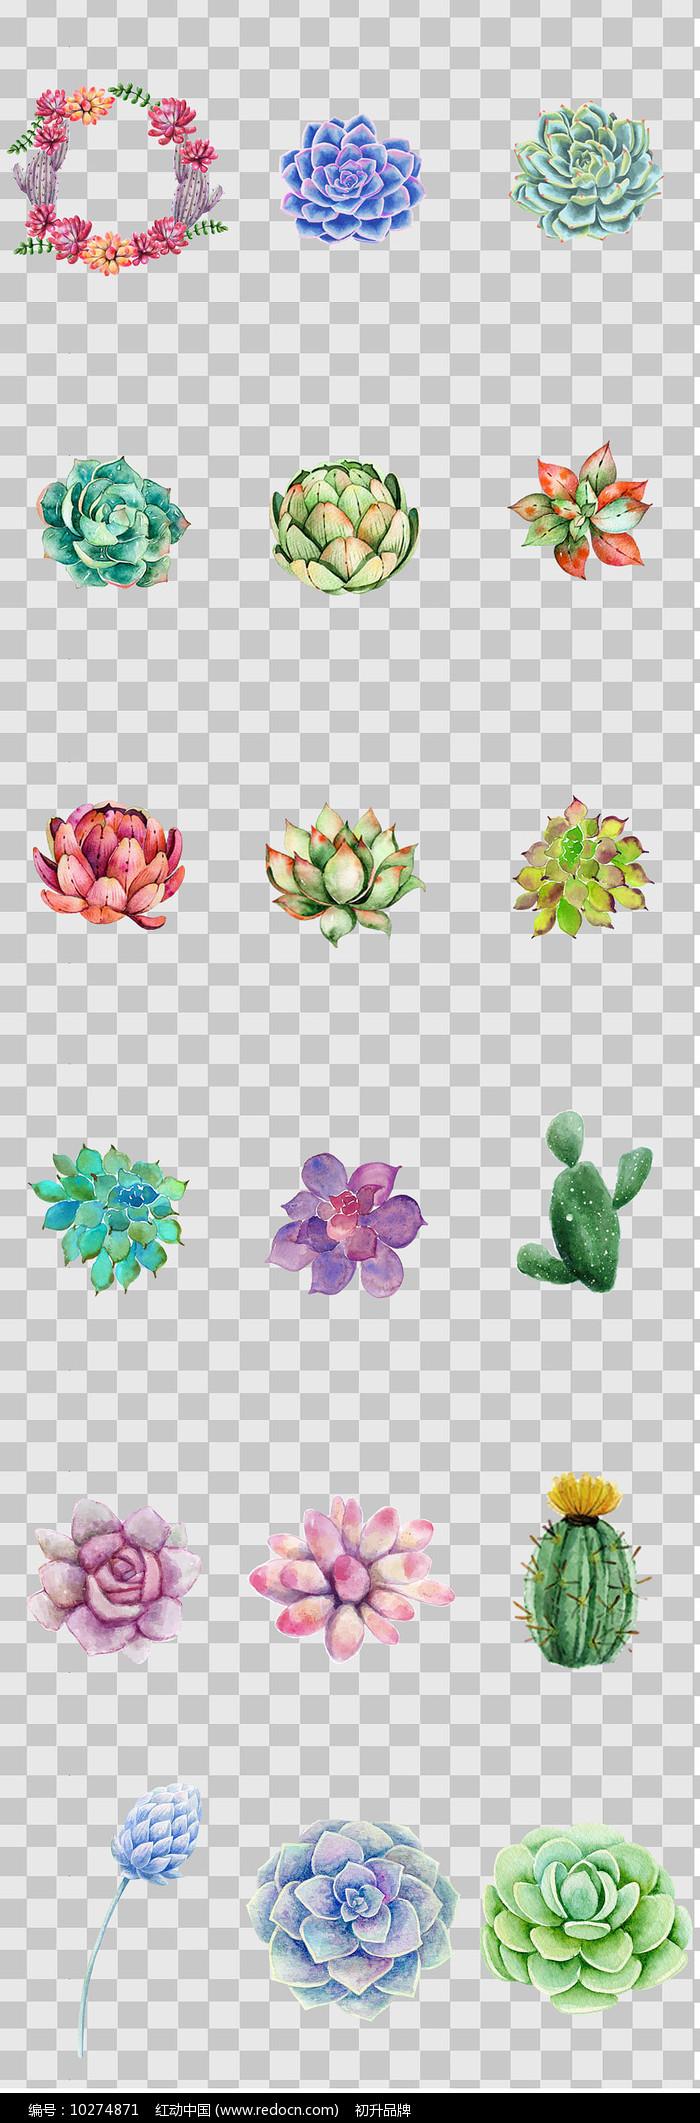 水彩手绘多肉植物元素图片